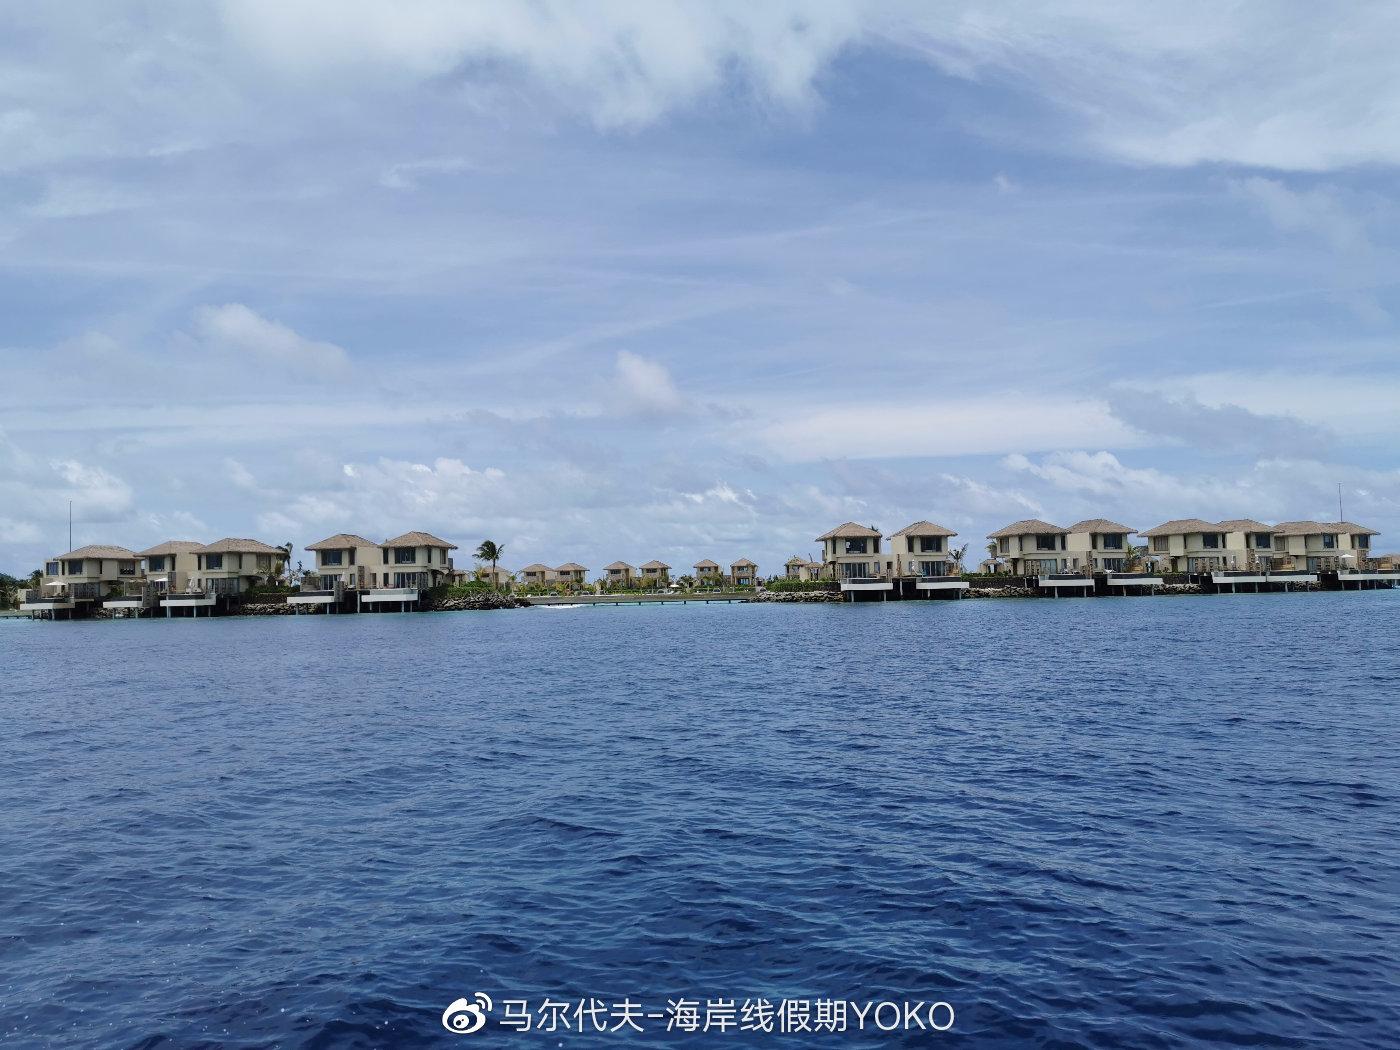 在快船上看到的lagoon pool villa